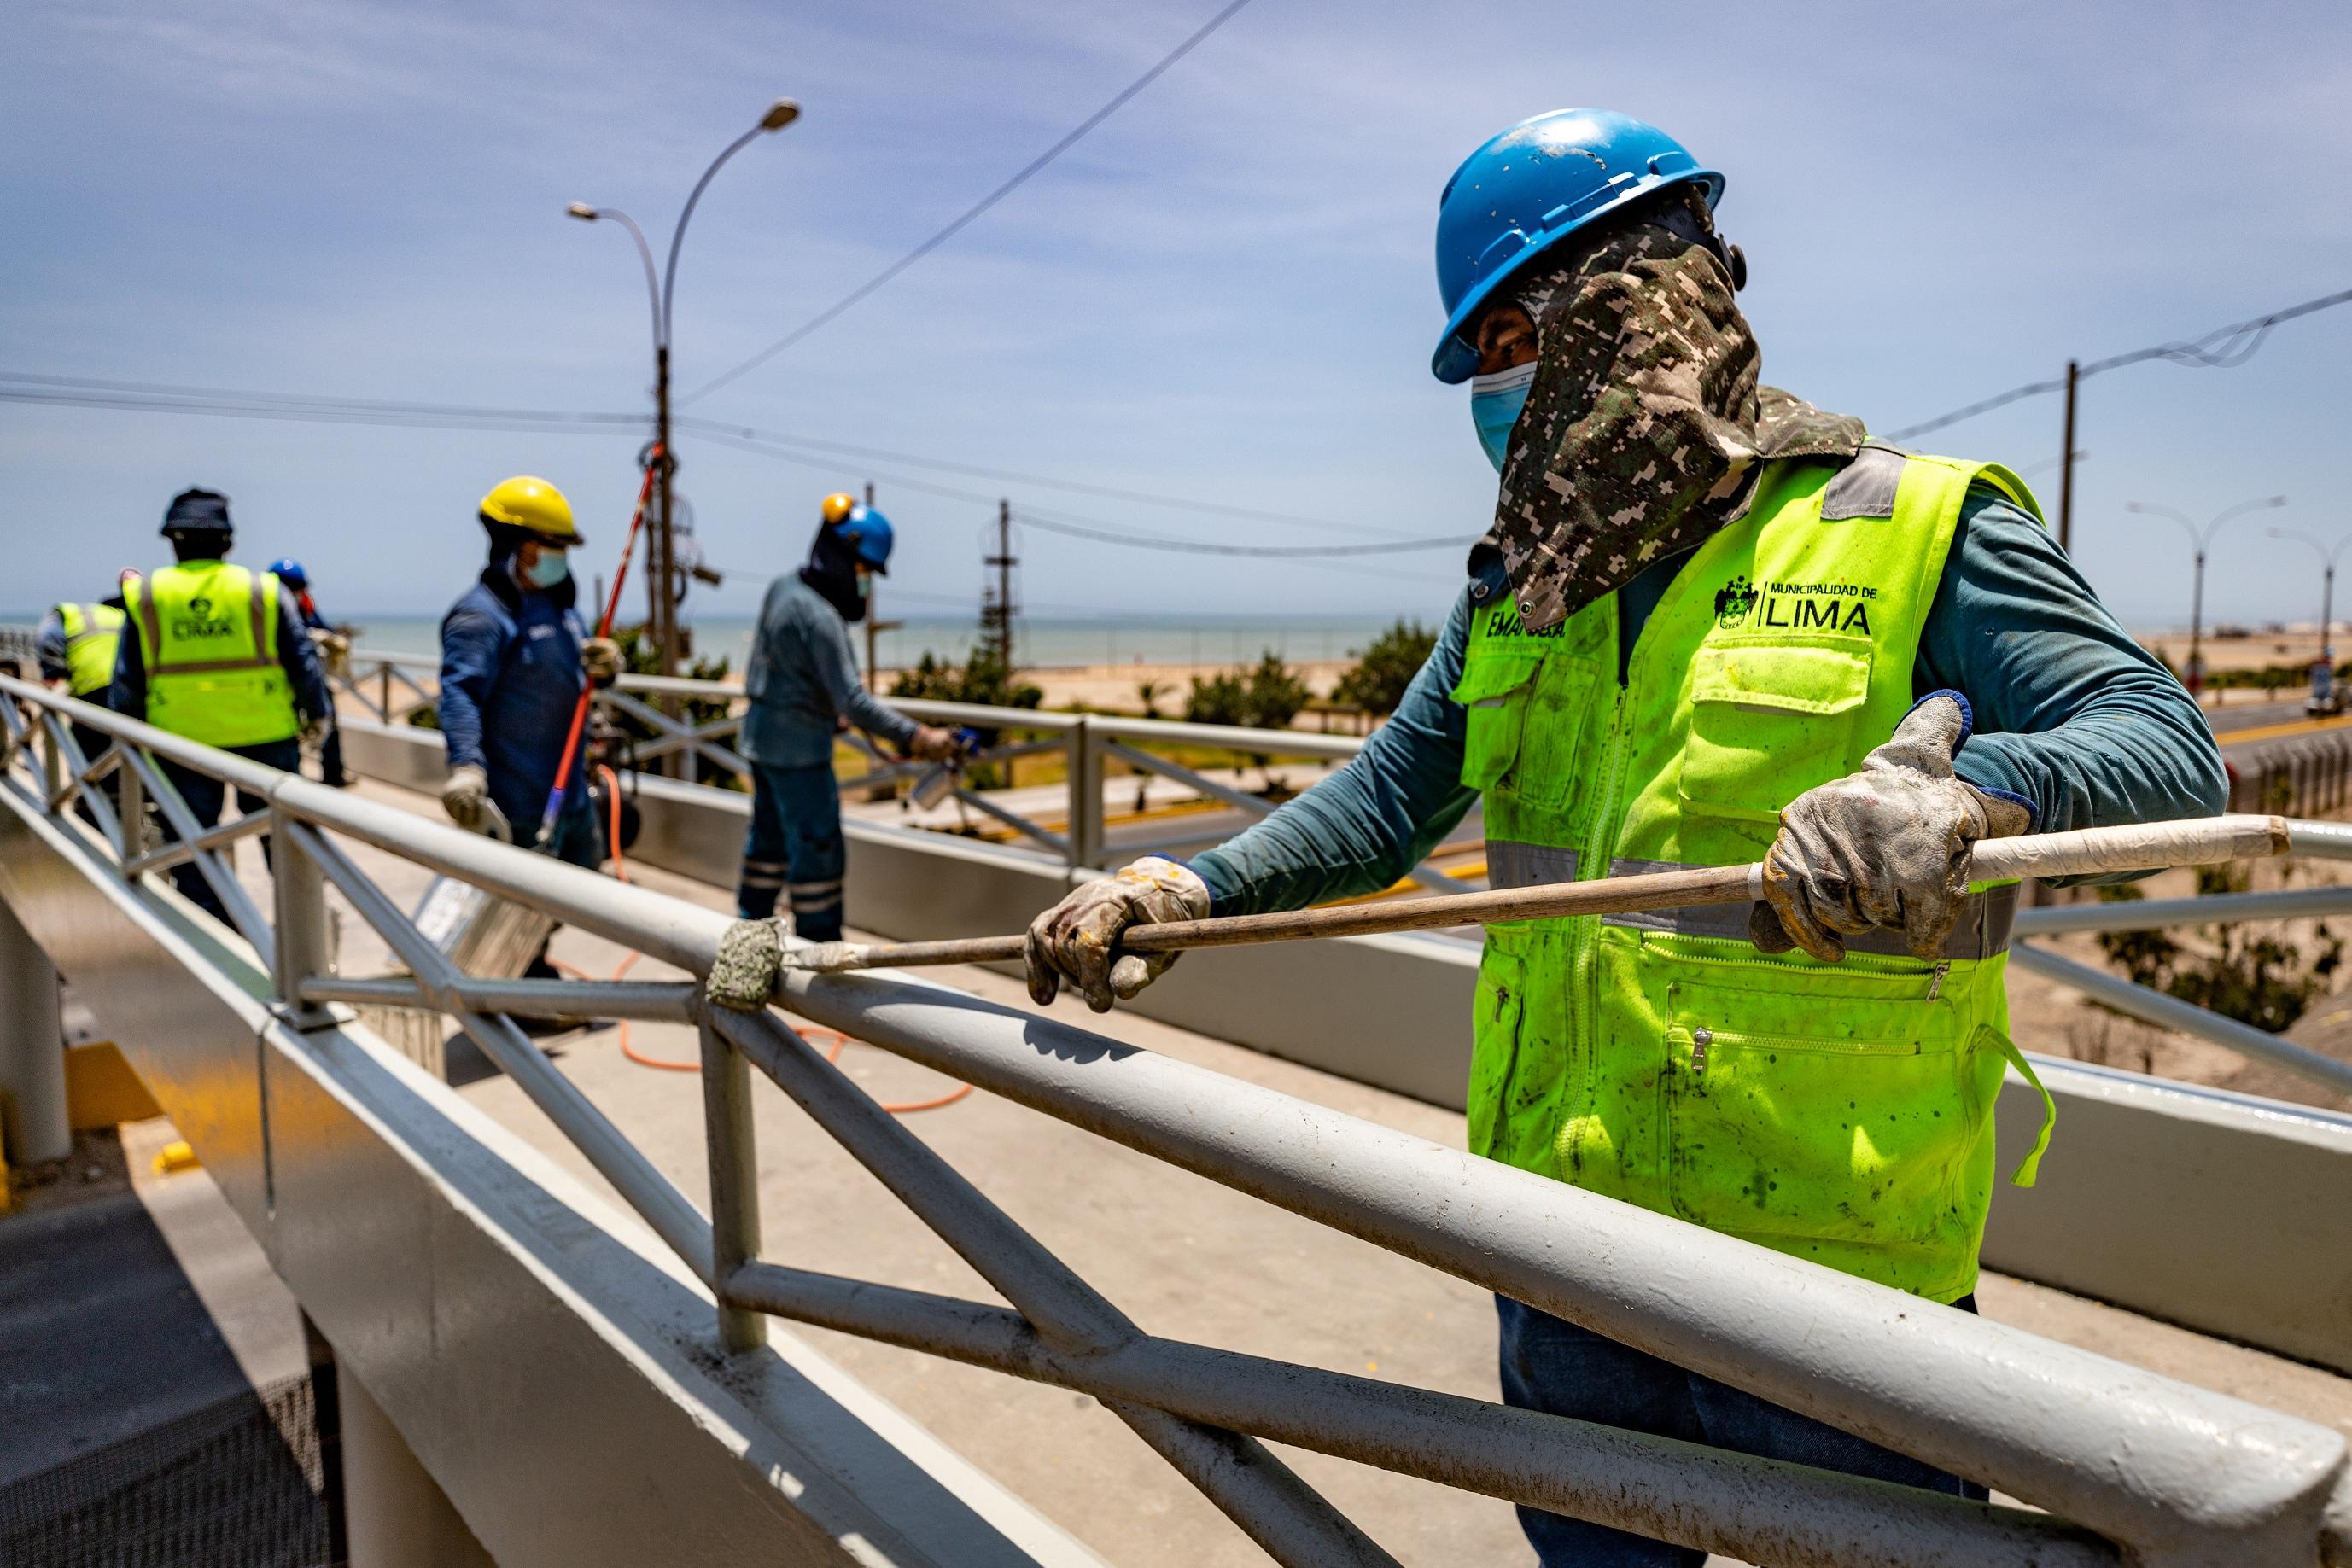 Entre enero y abril la Municipalidad de Lima realizó trabajos de mantenimiento en 53 puentes